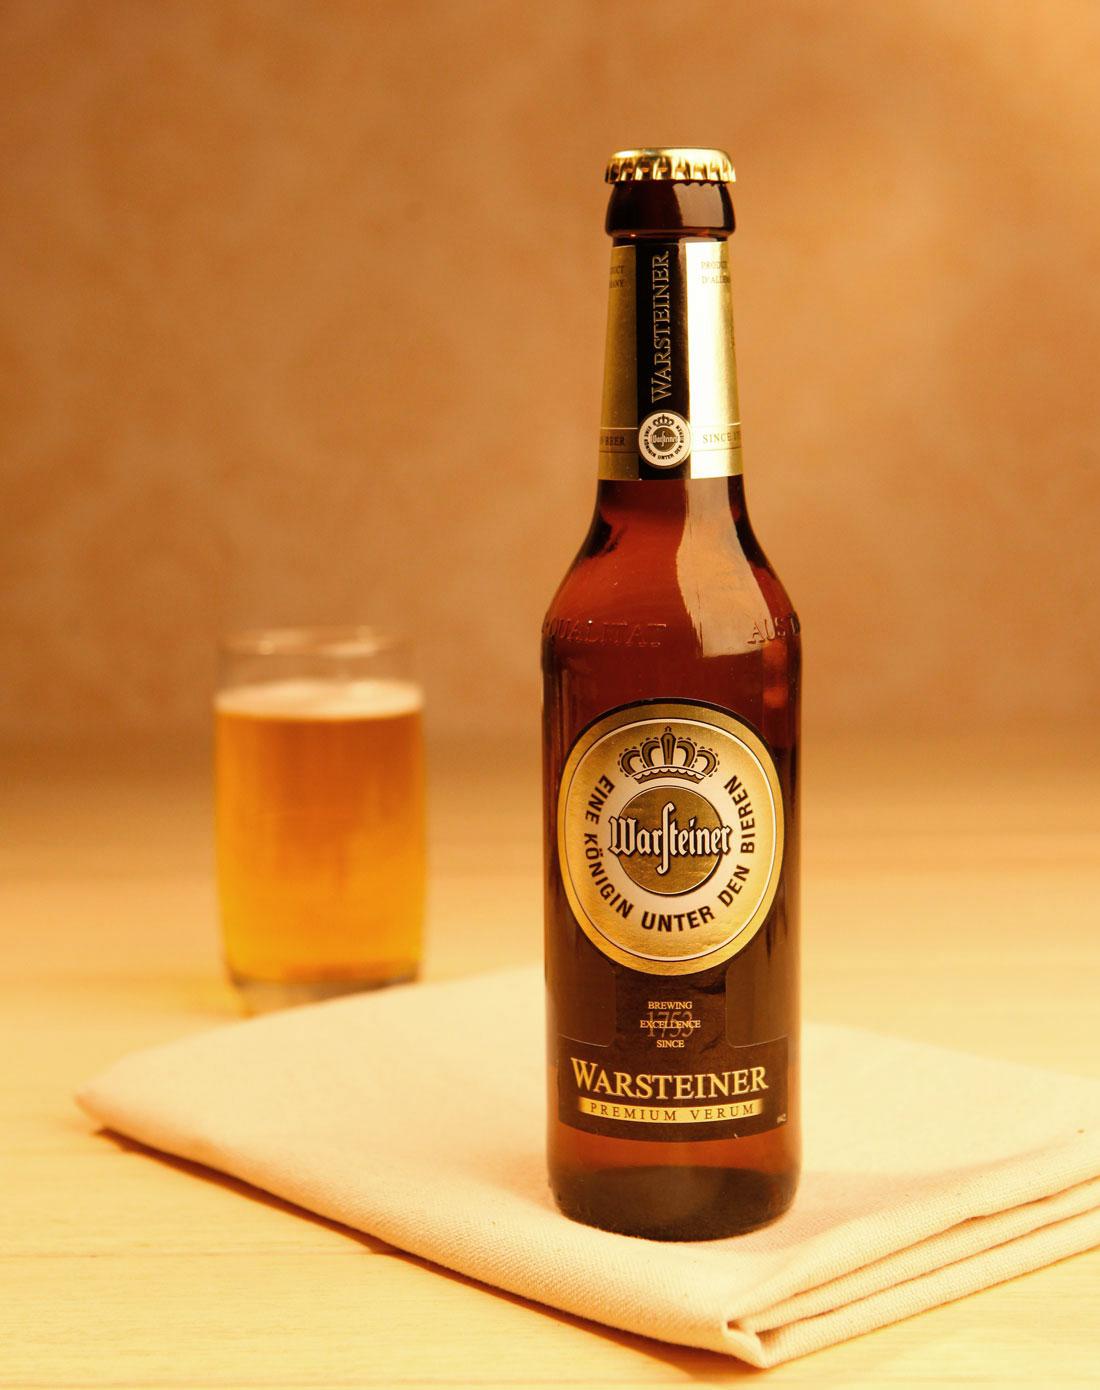 2019年啤酒品牌排行榜_气温逐渐升高啤酒饮料消费进入旺季